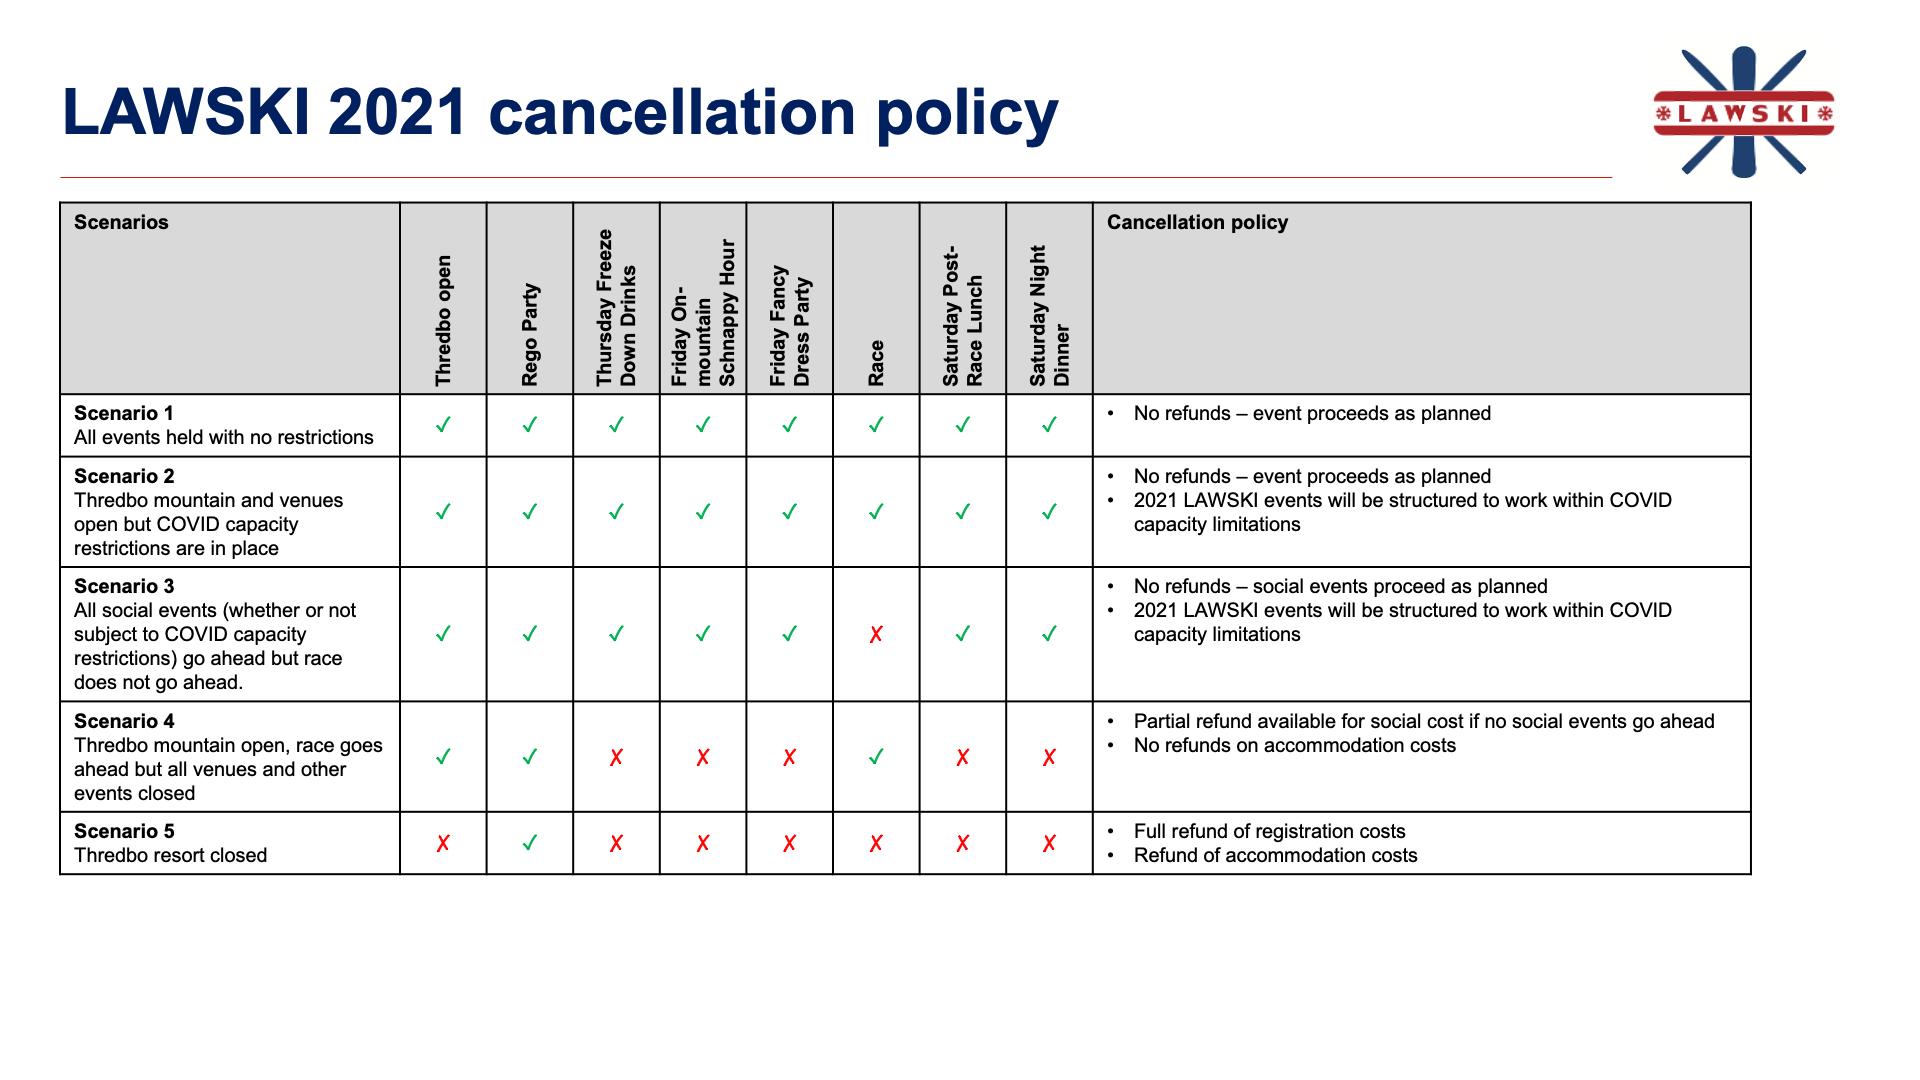 LAWSKI 2021 Cancellation PolicyV2